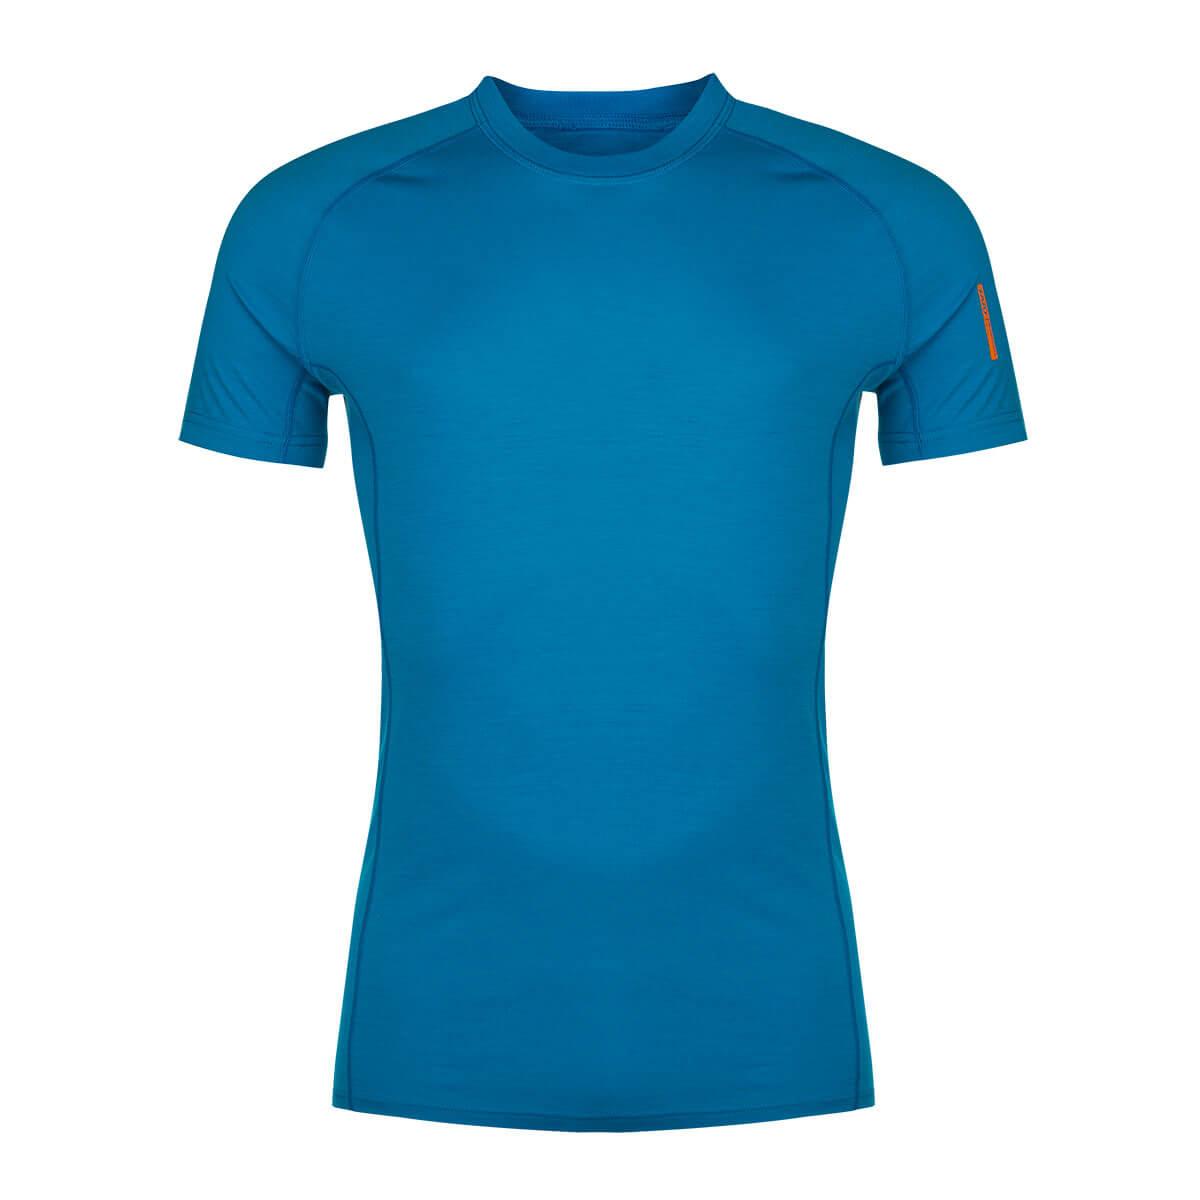 Pánske tričko Zajo Bjorn Merino Nylon T-shirt SS Greek Blue - veľkosť XS